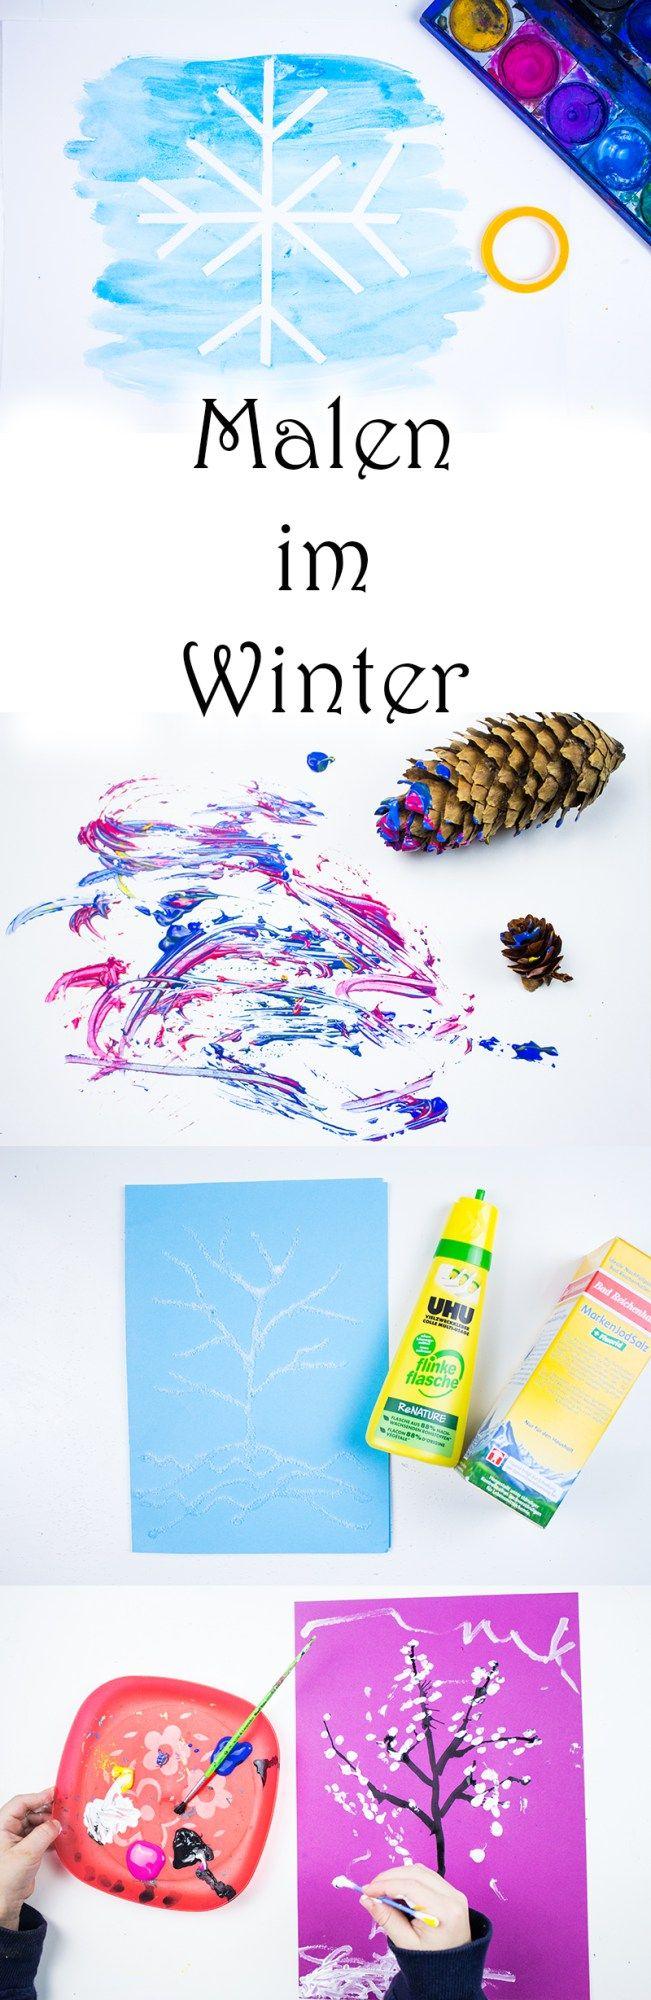 6 ideen zum malen im winter mit kindern video about. Black Bedroom Furniture Sets. Home Design Ideas